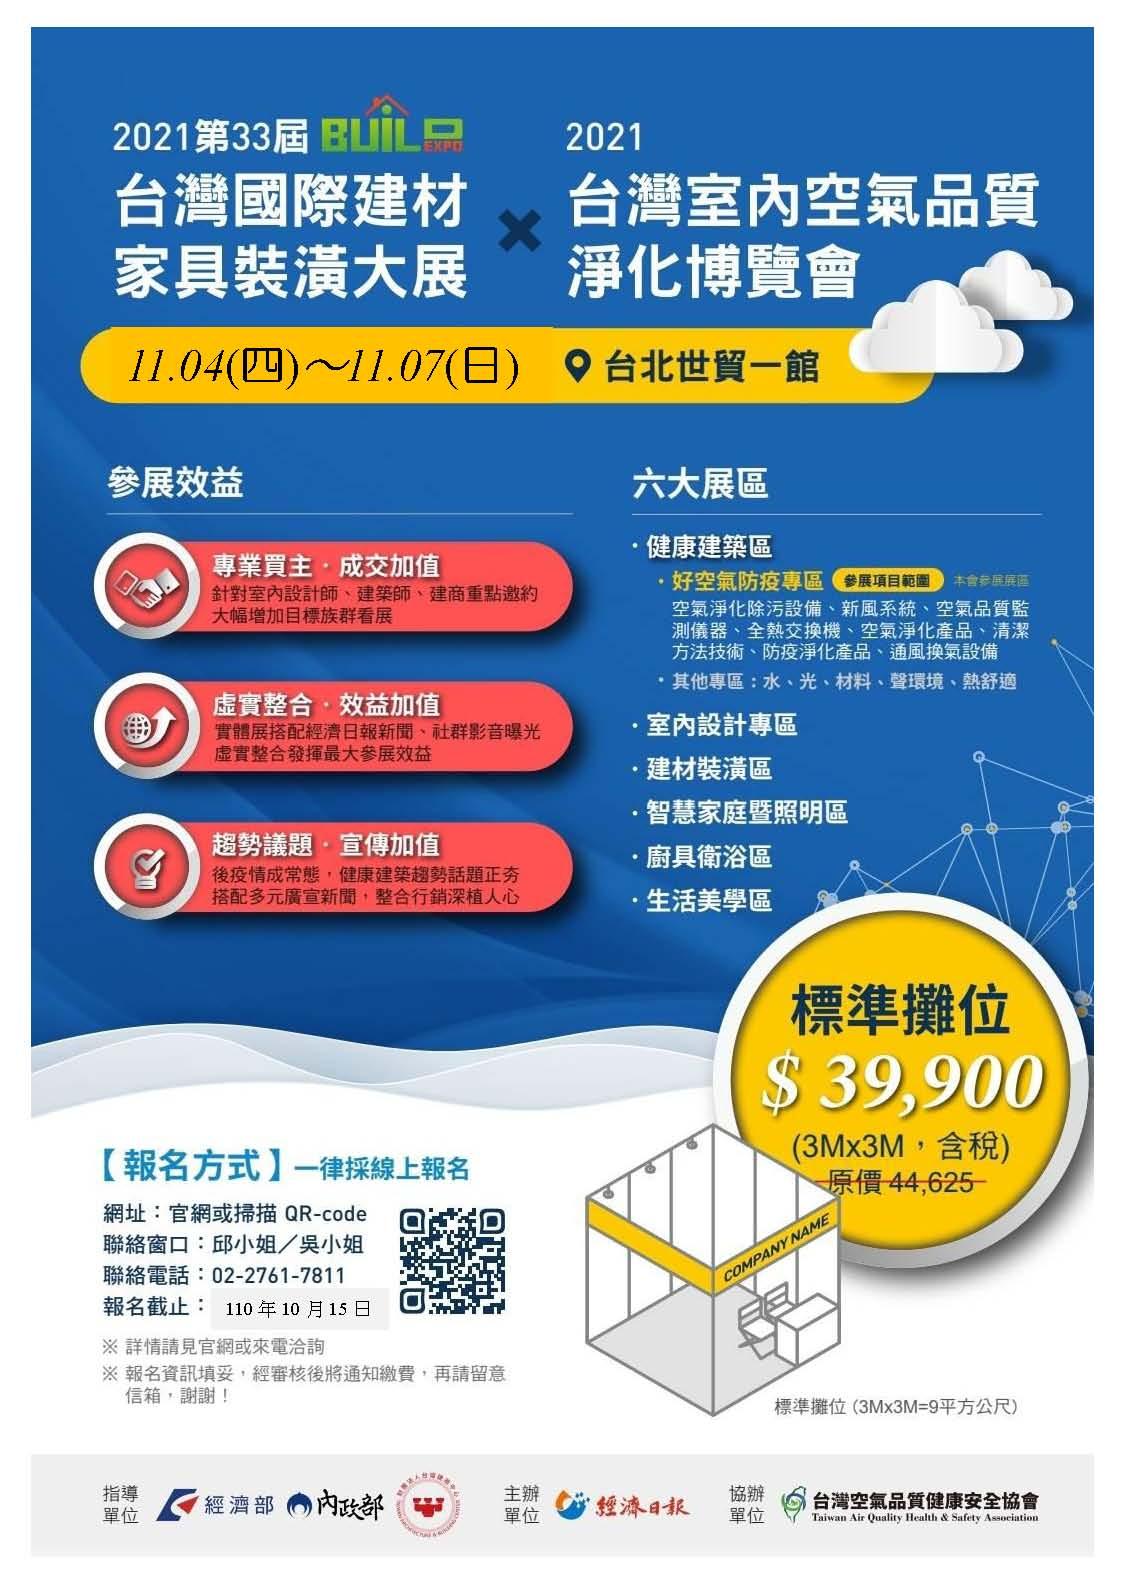 「2021年台灣空氣品質淨化博覽會」開跑囉!空氣清淨產業請勿錯過大展身手與超值參展優惠條件喔!